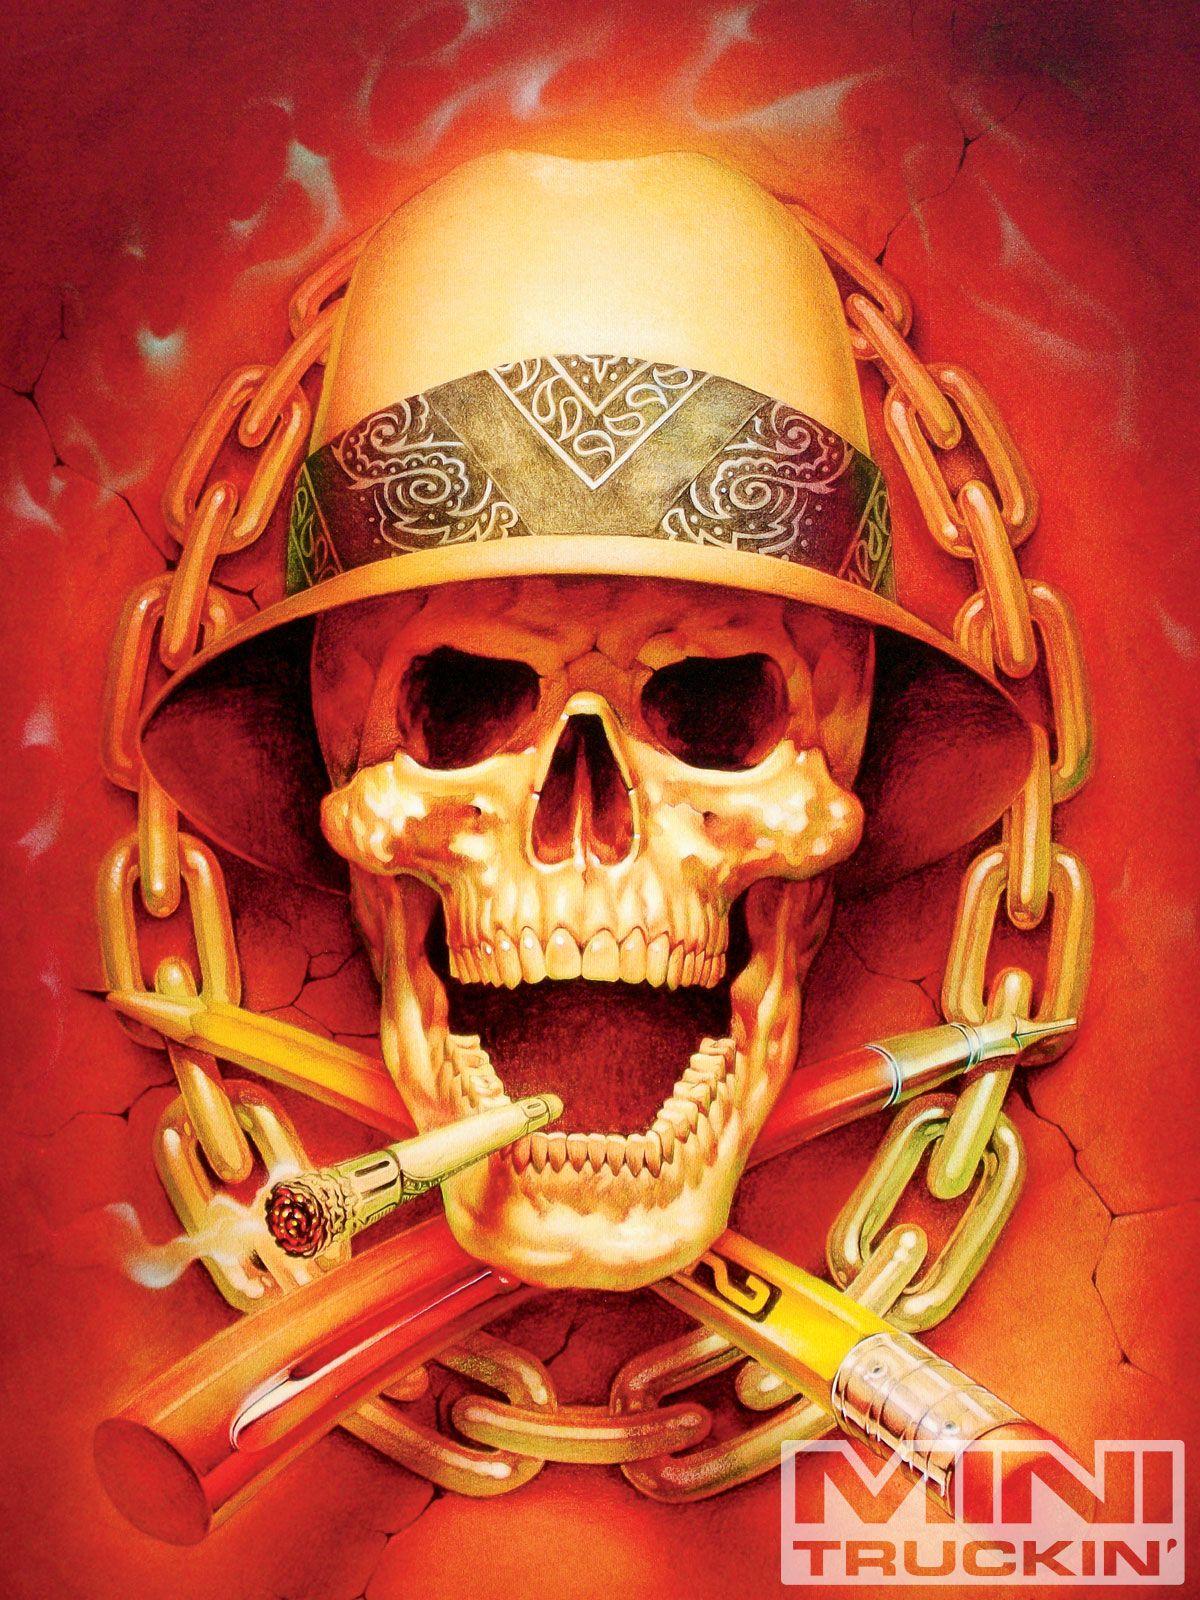 8th Annual Coast Airbrush Kustom Kulture Show Skull Graphic Art